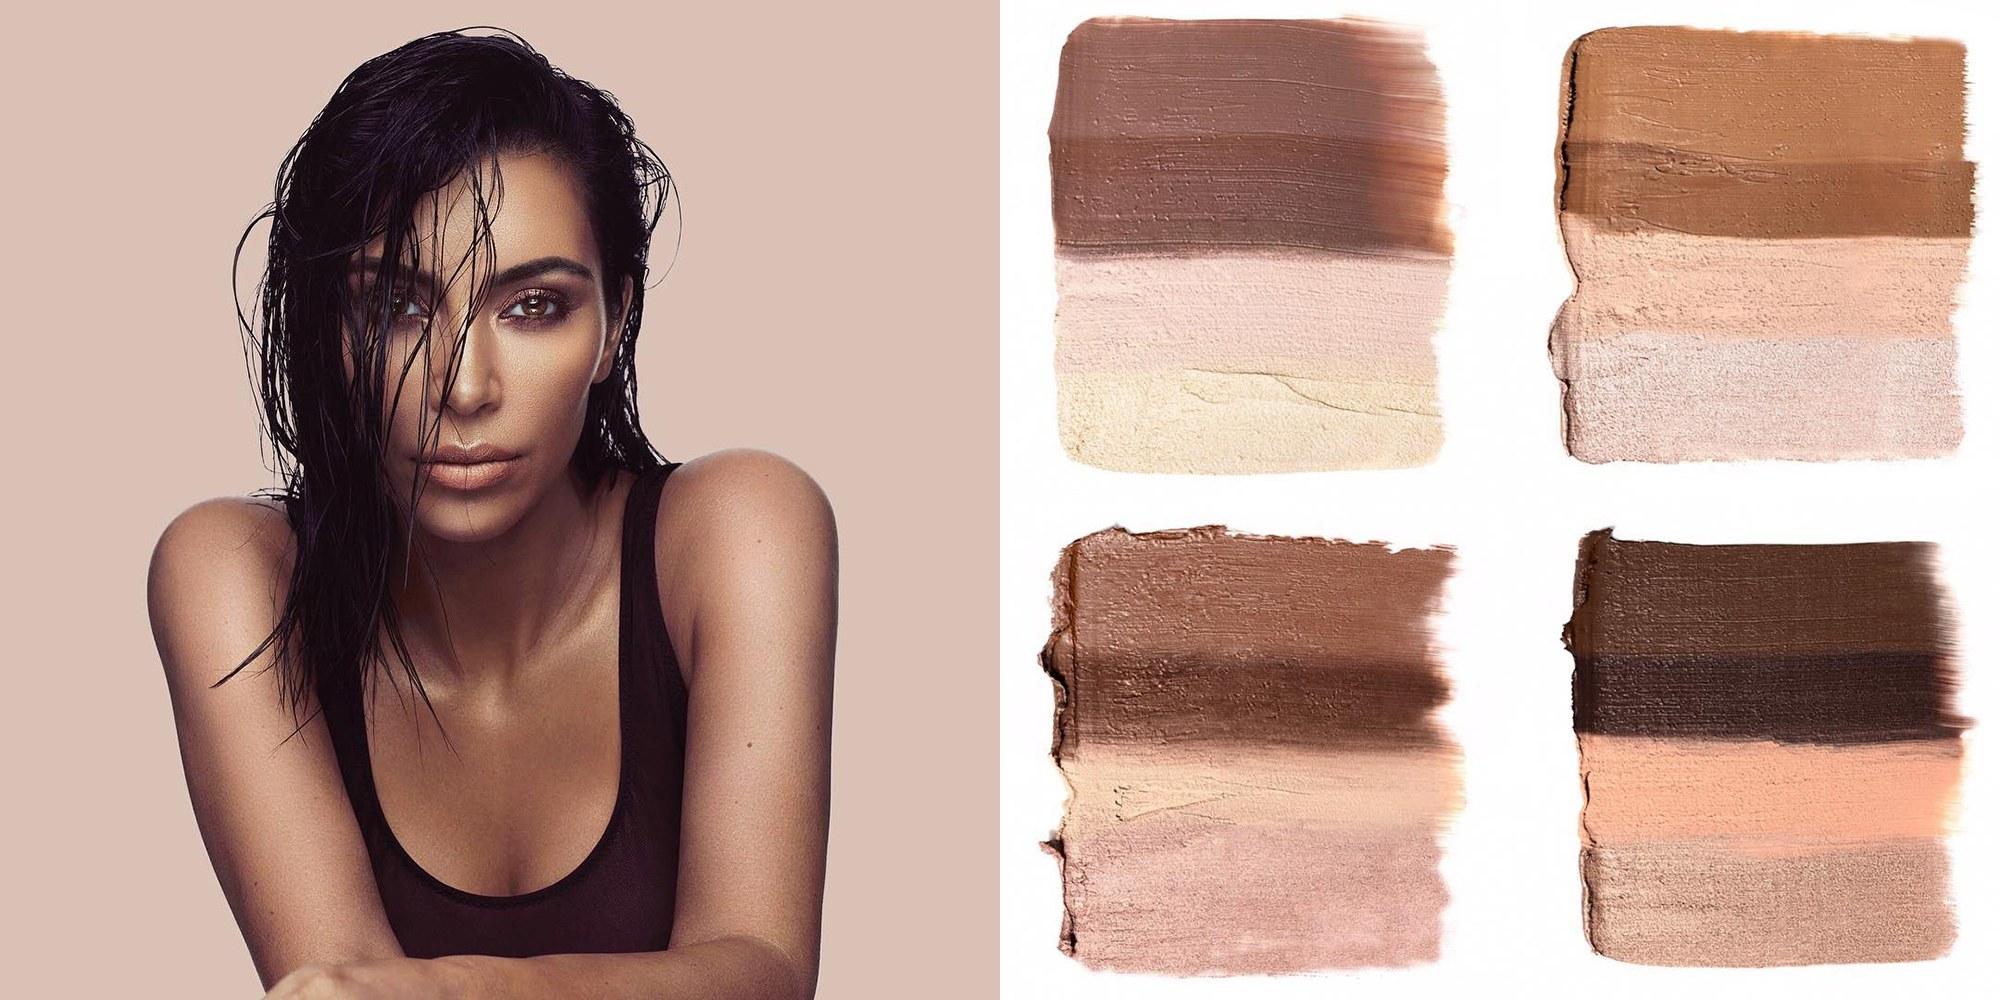 Kim K and Blackface?! -